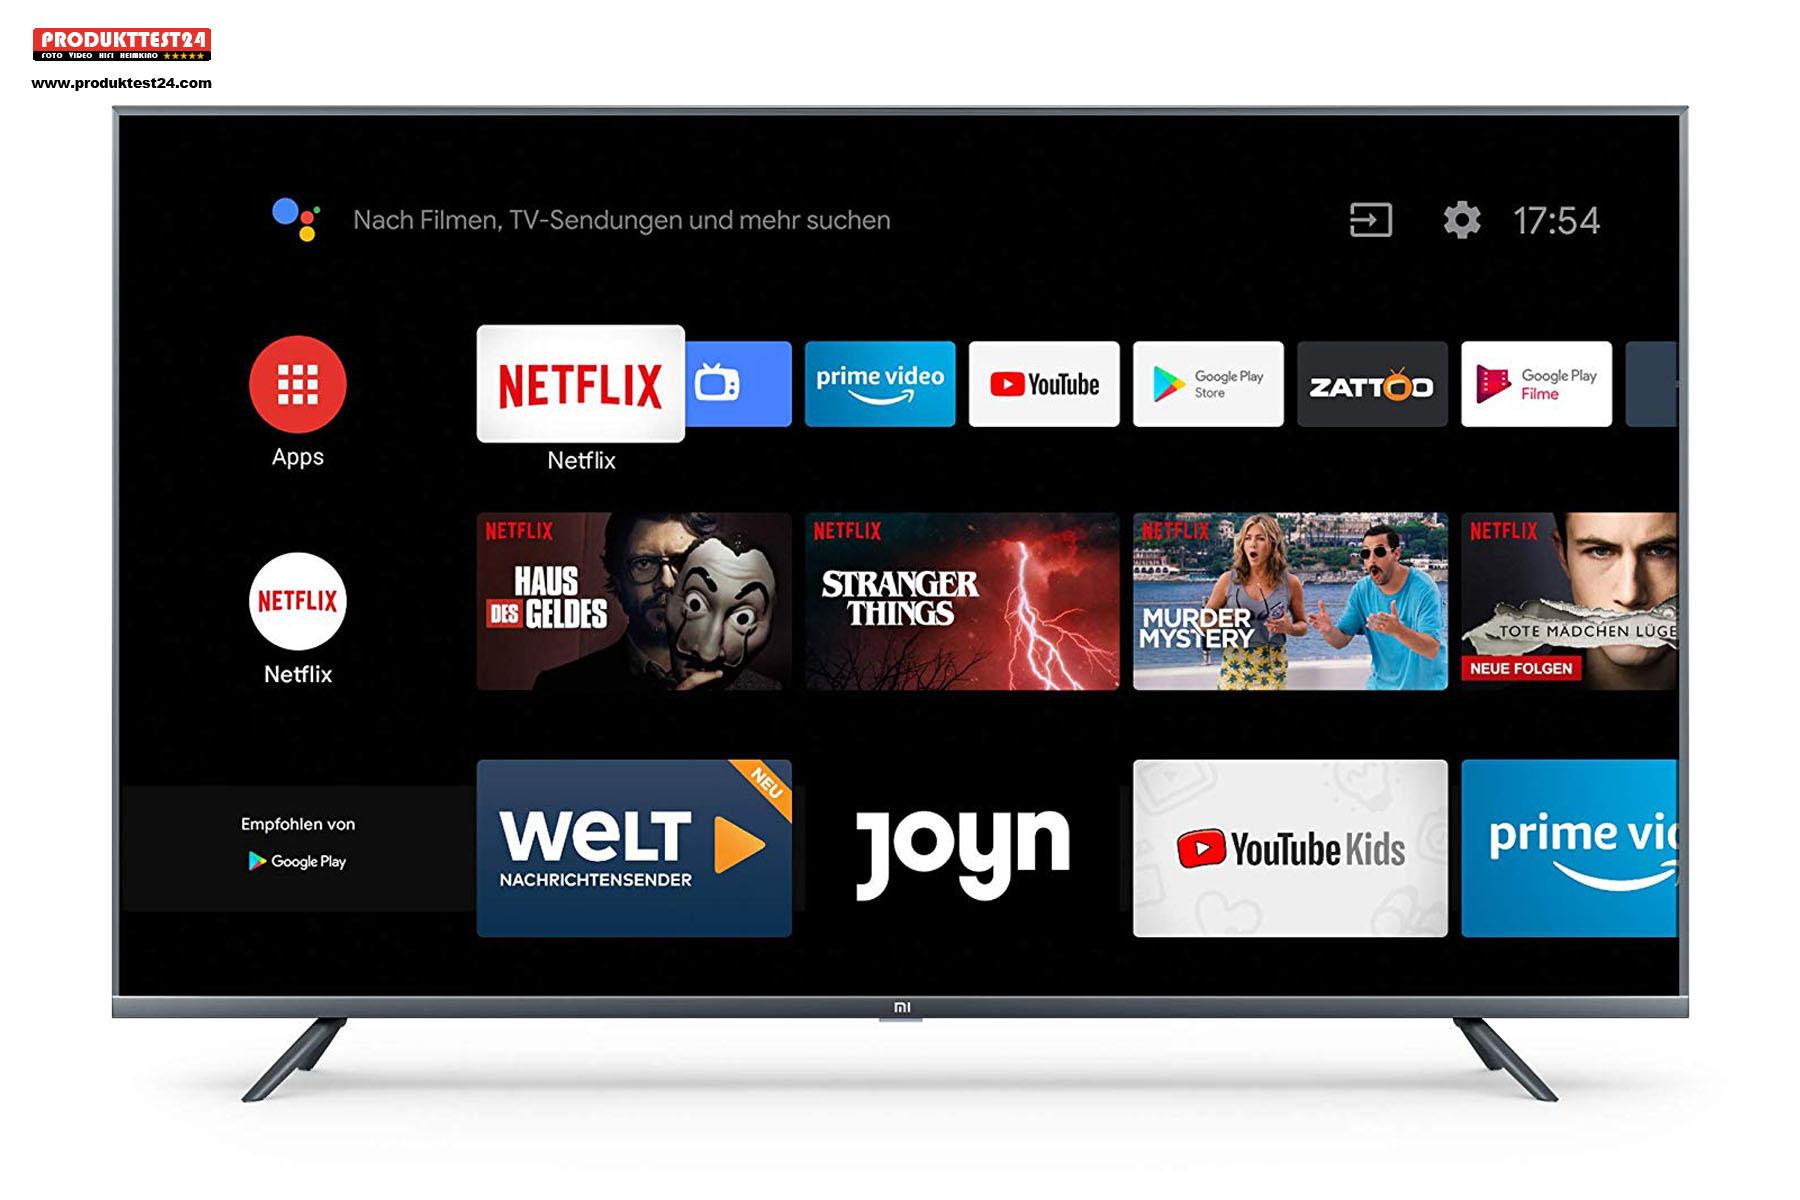 Android.TV mit Google Assistant Sprachsteuerung, Netflix und Amazon Prime Video